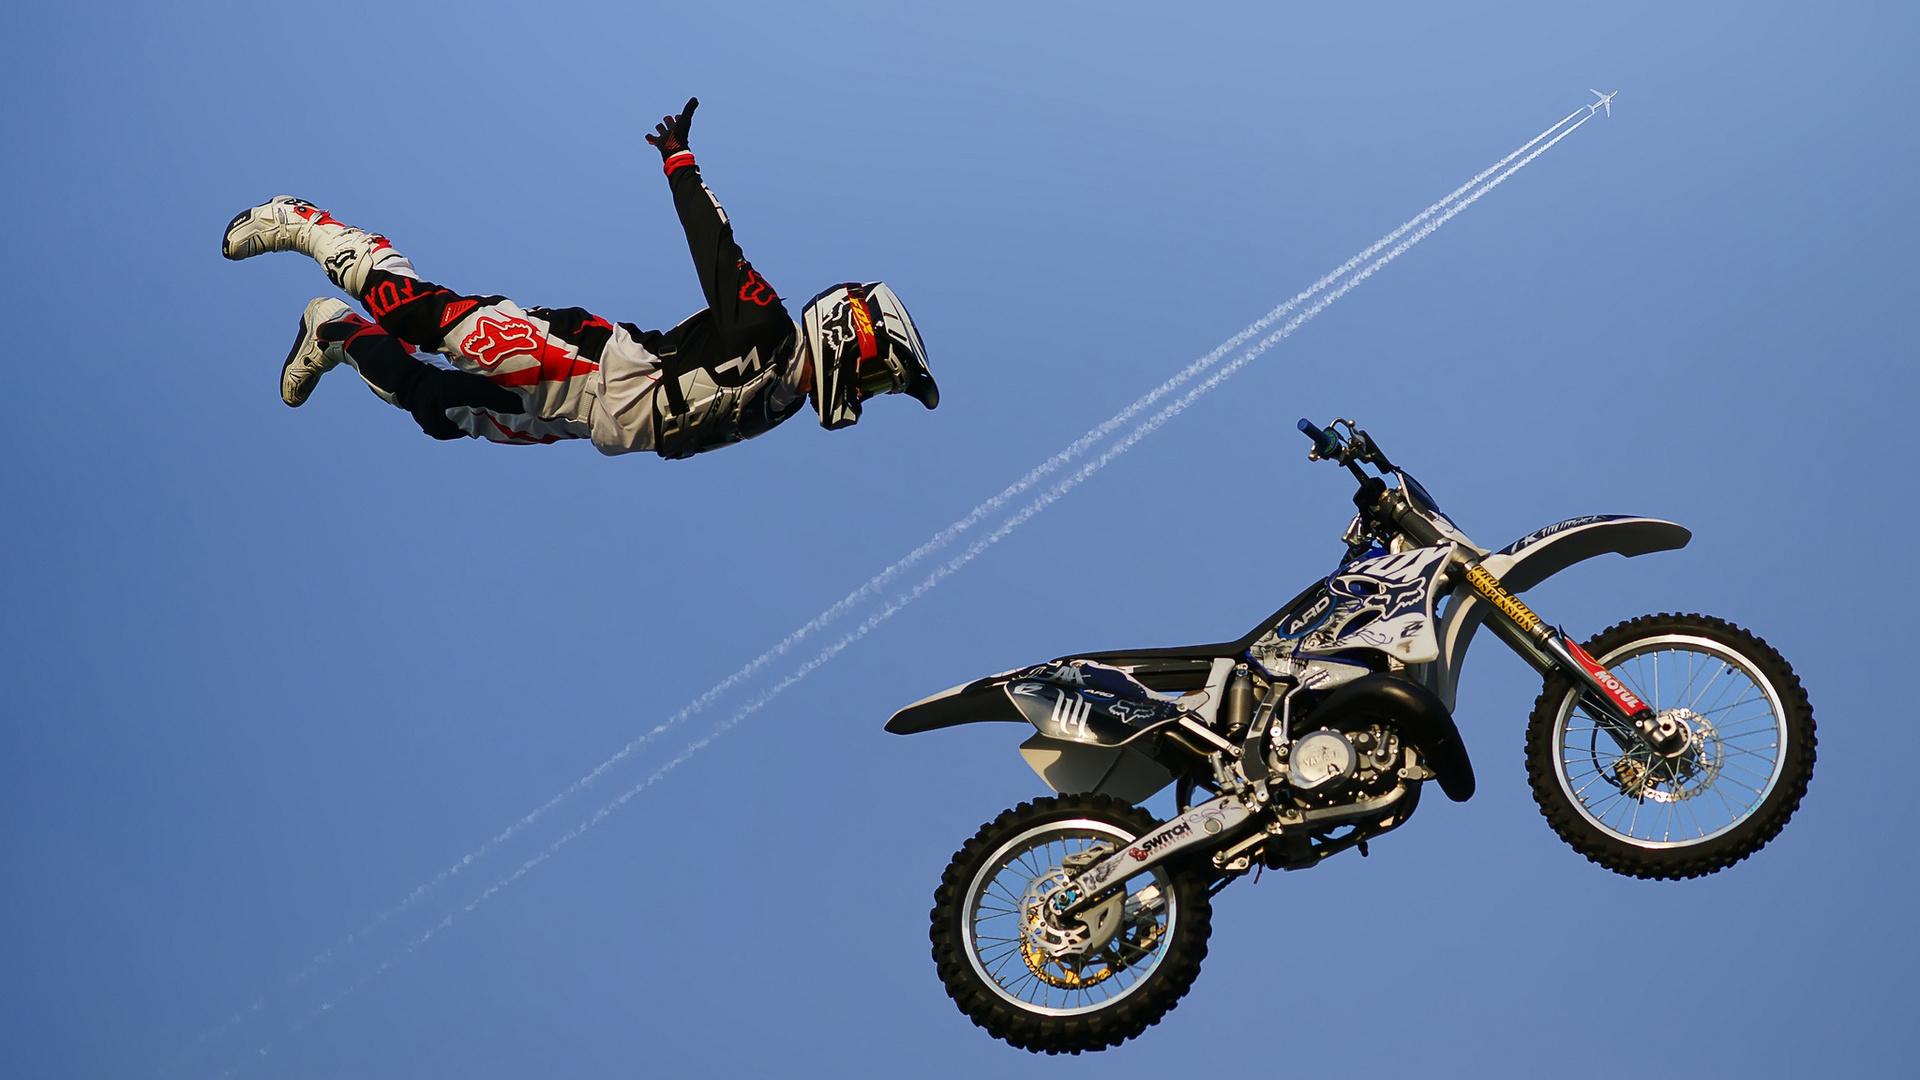 картинки мотоциклов для трюков имеет право предложить